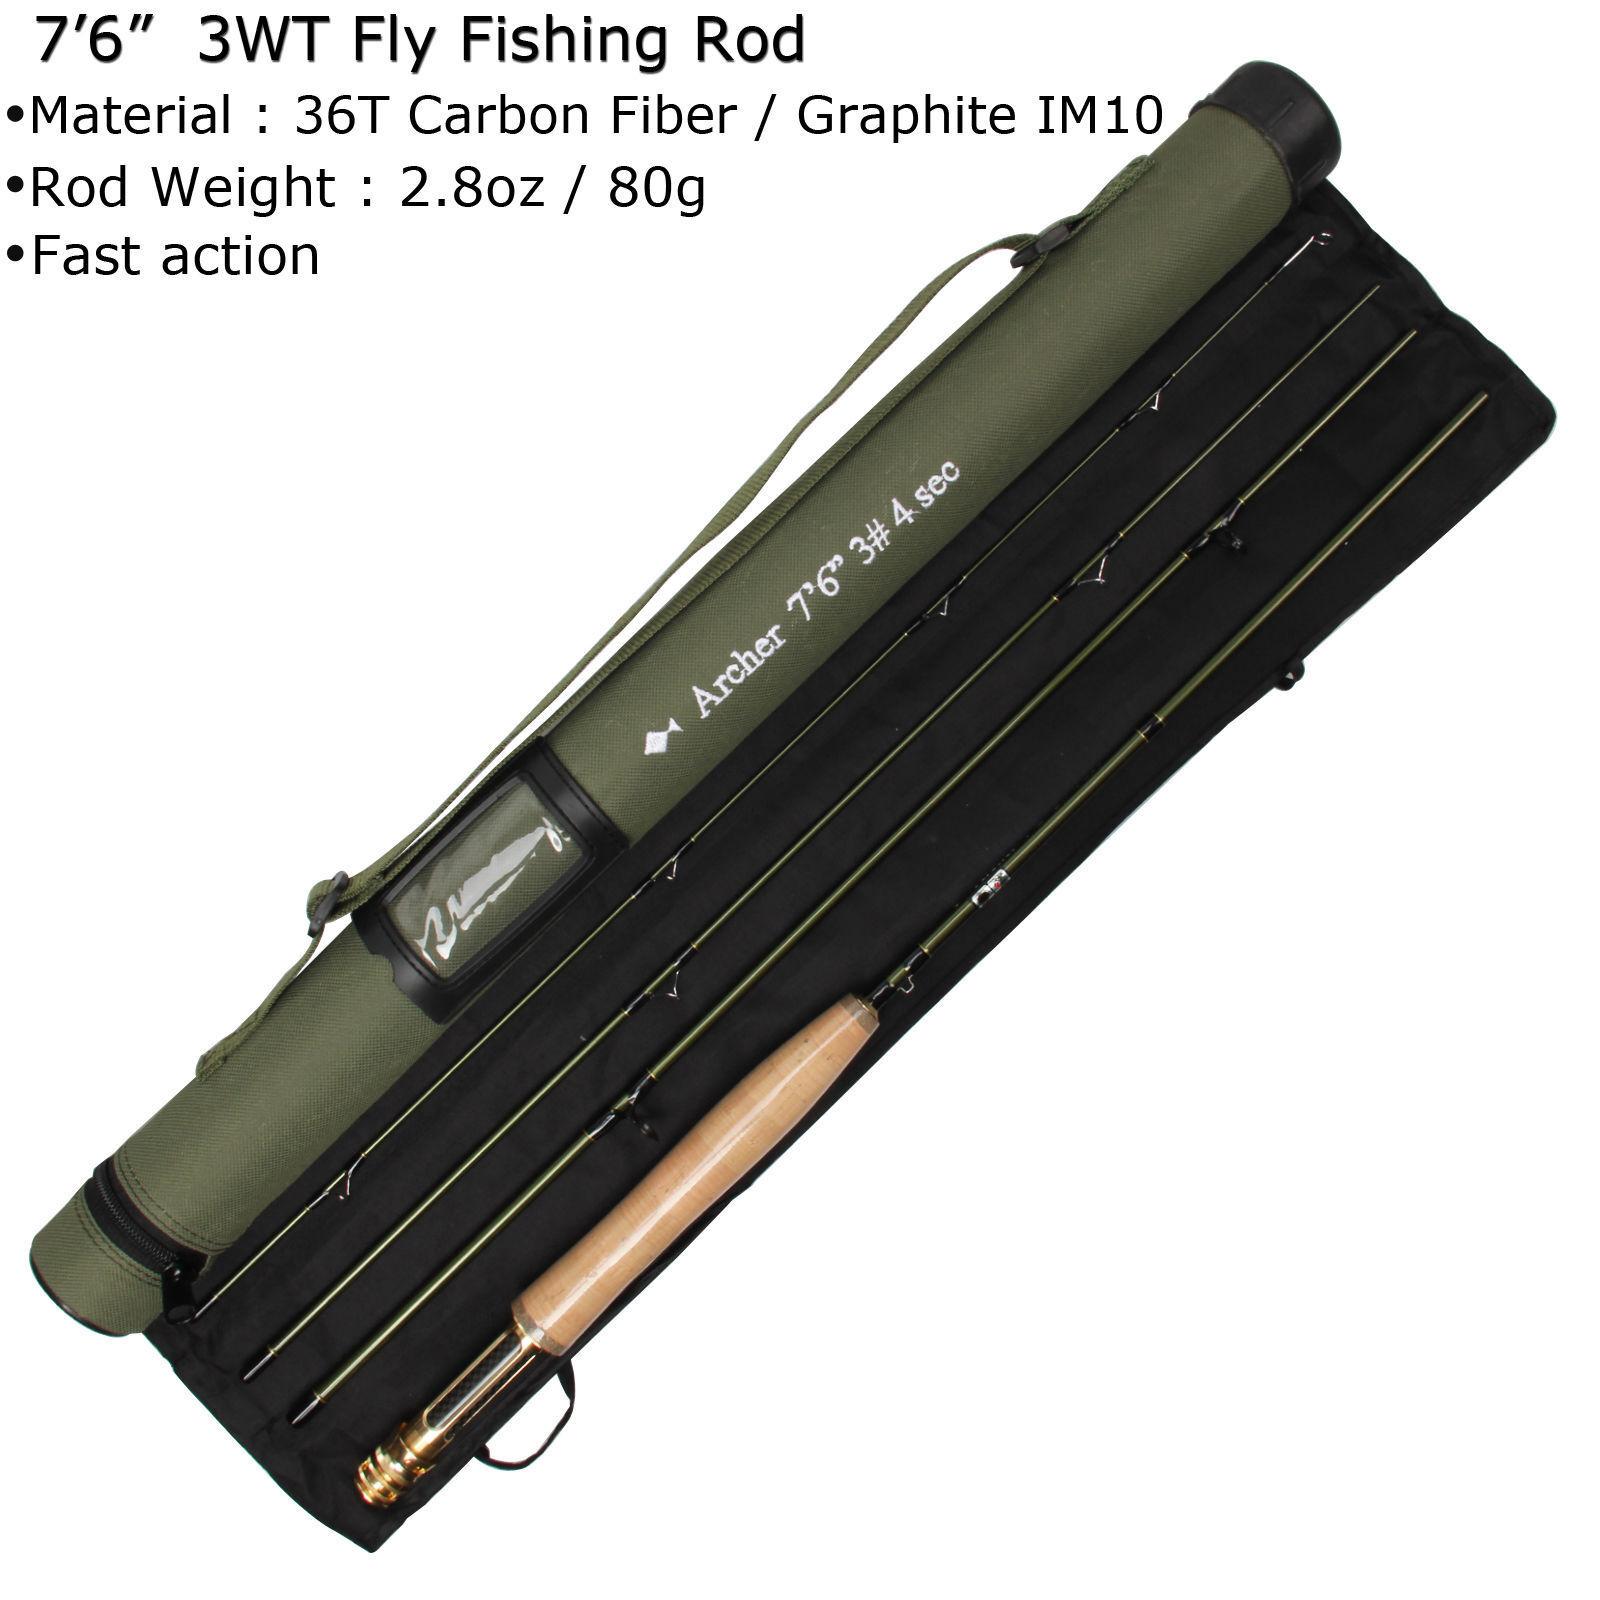 FLY Fishing Rod Combo 358WT Carbon Fiber FLY ROD Fly Bobina & Linea Cordura tubo